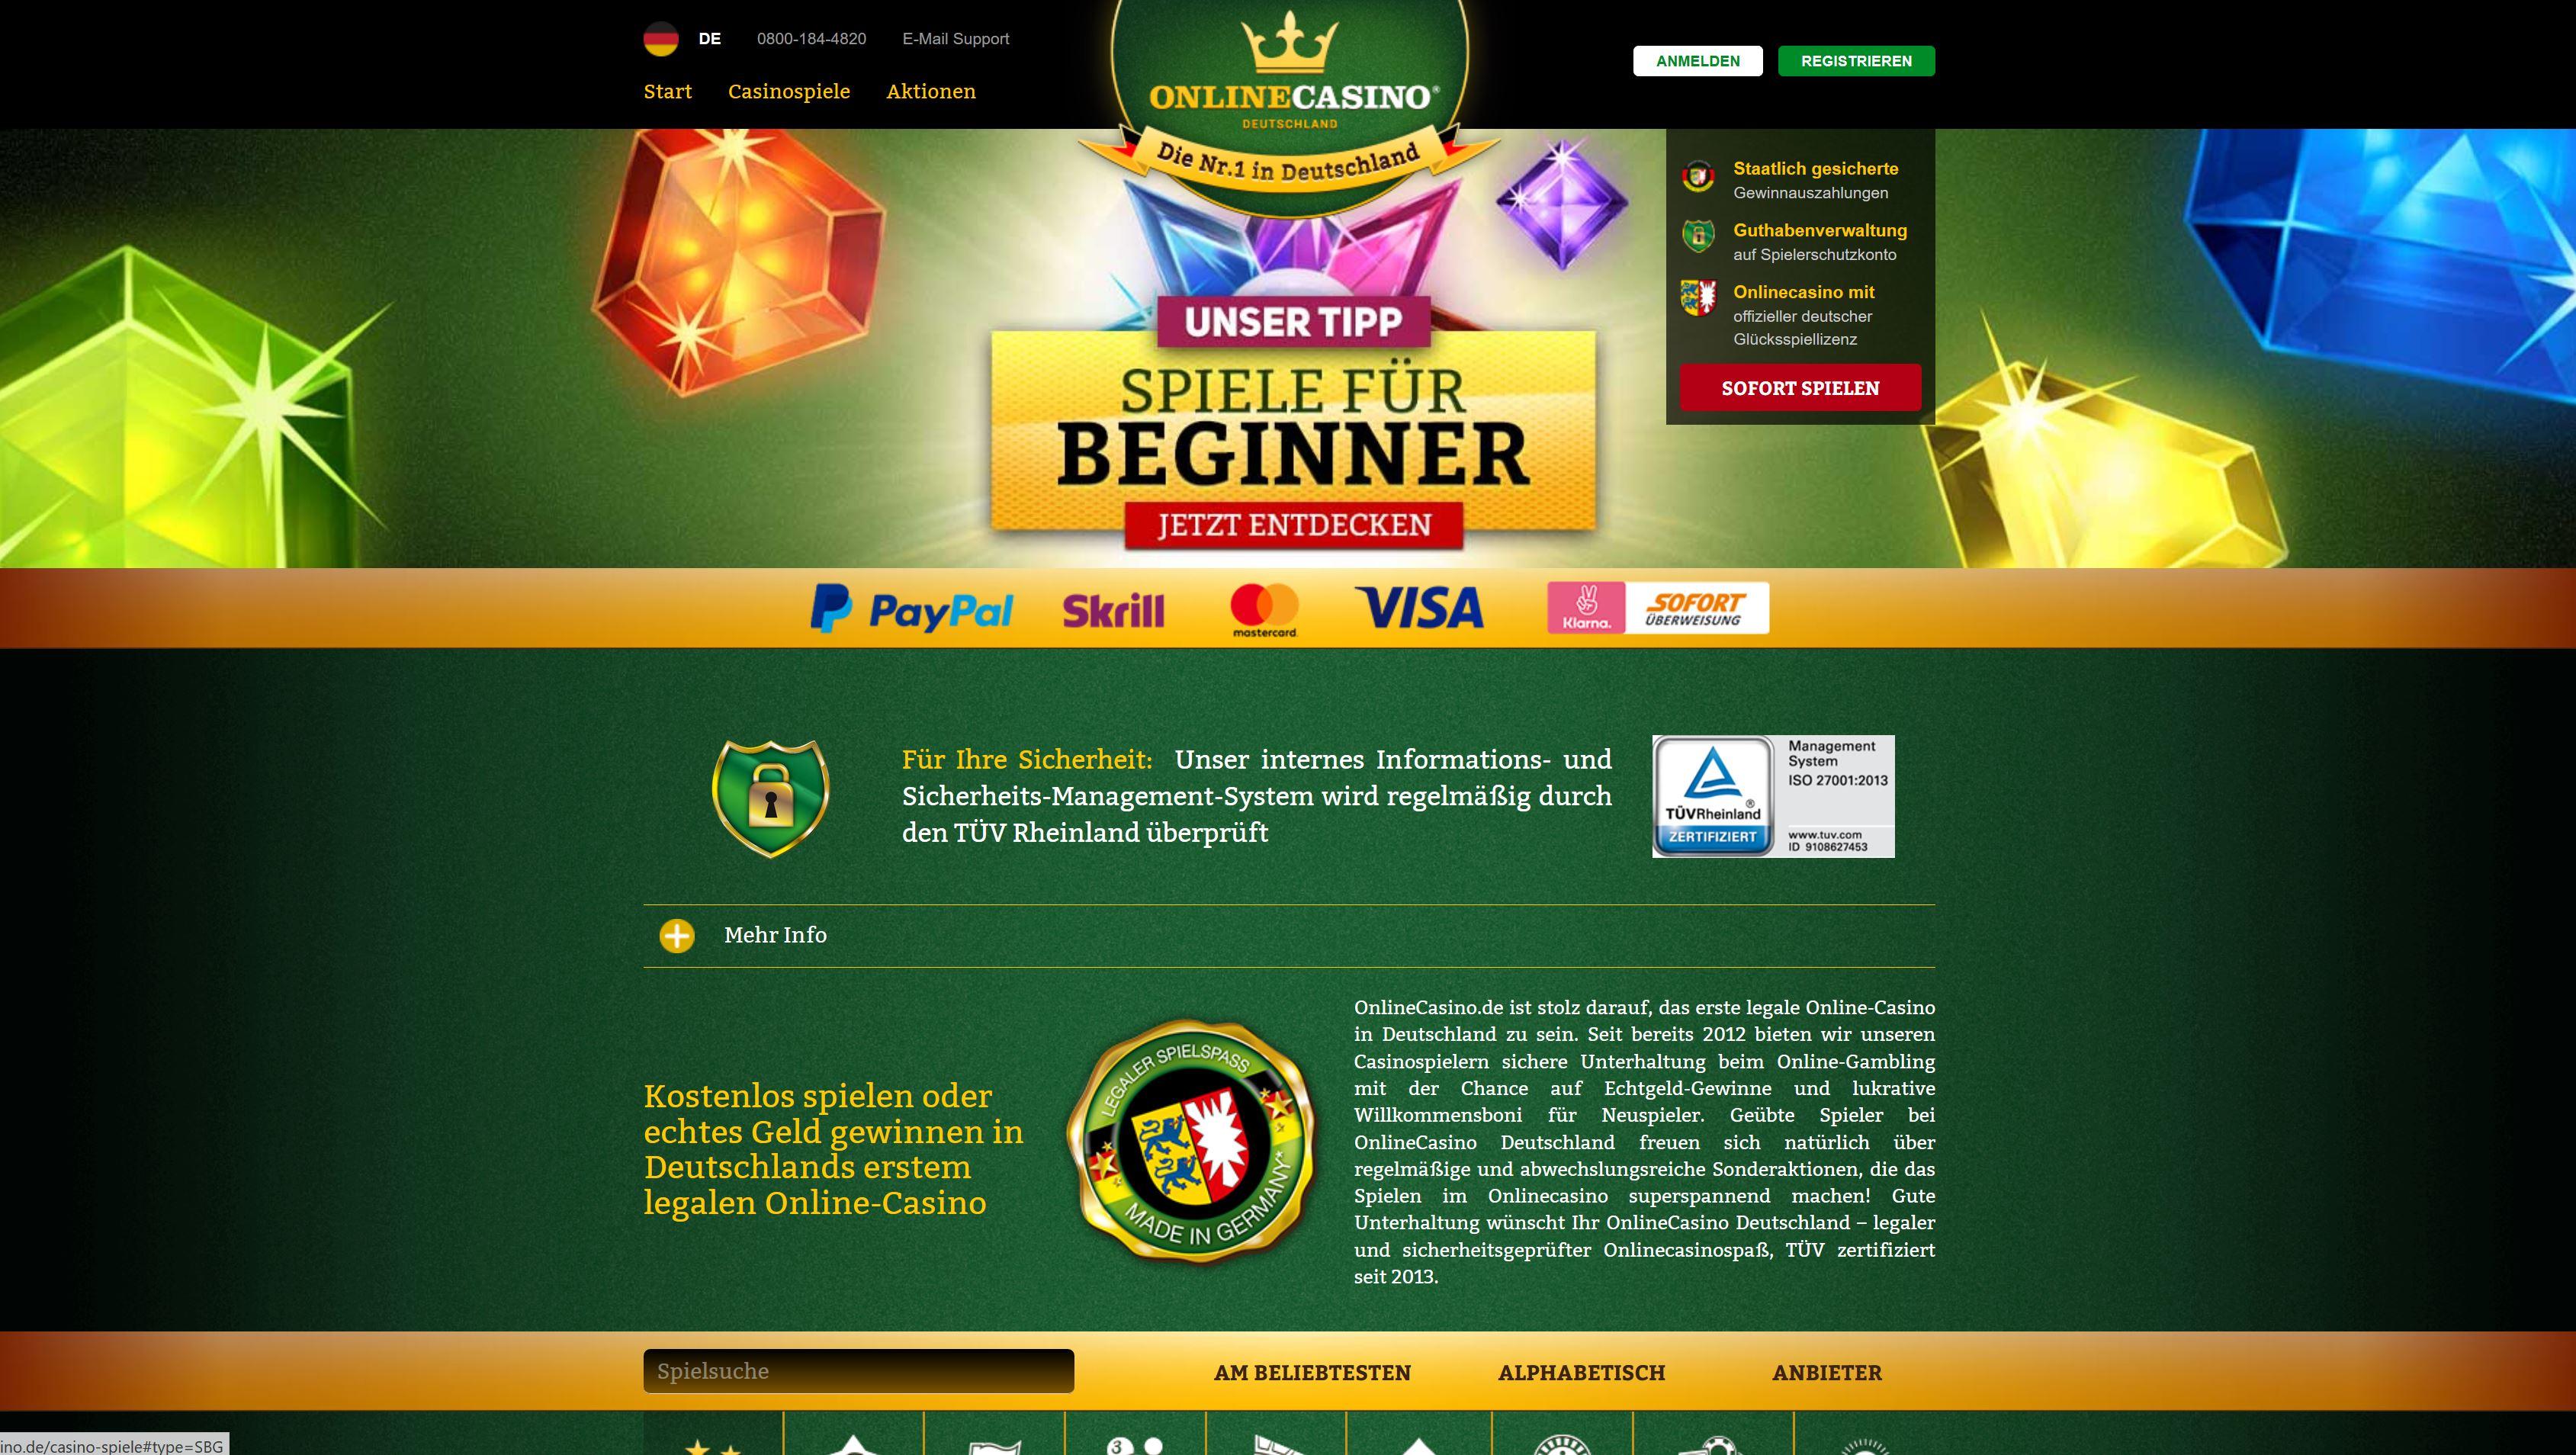 Casino Spiele online - 30849